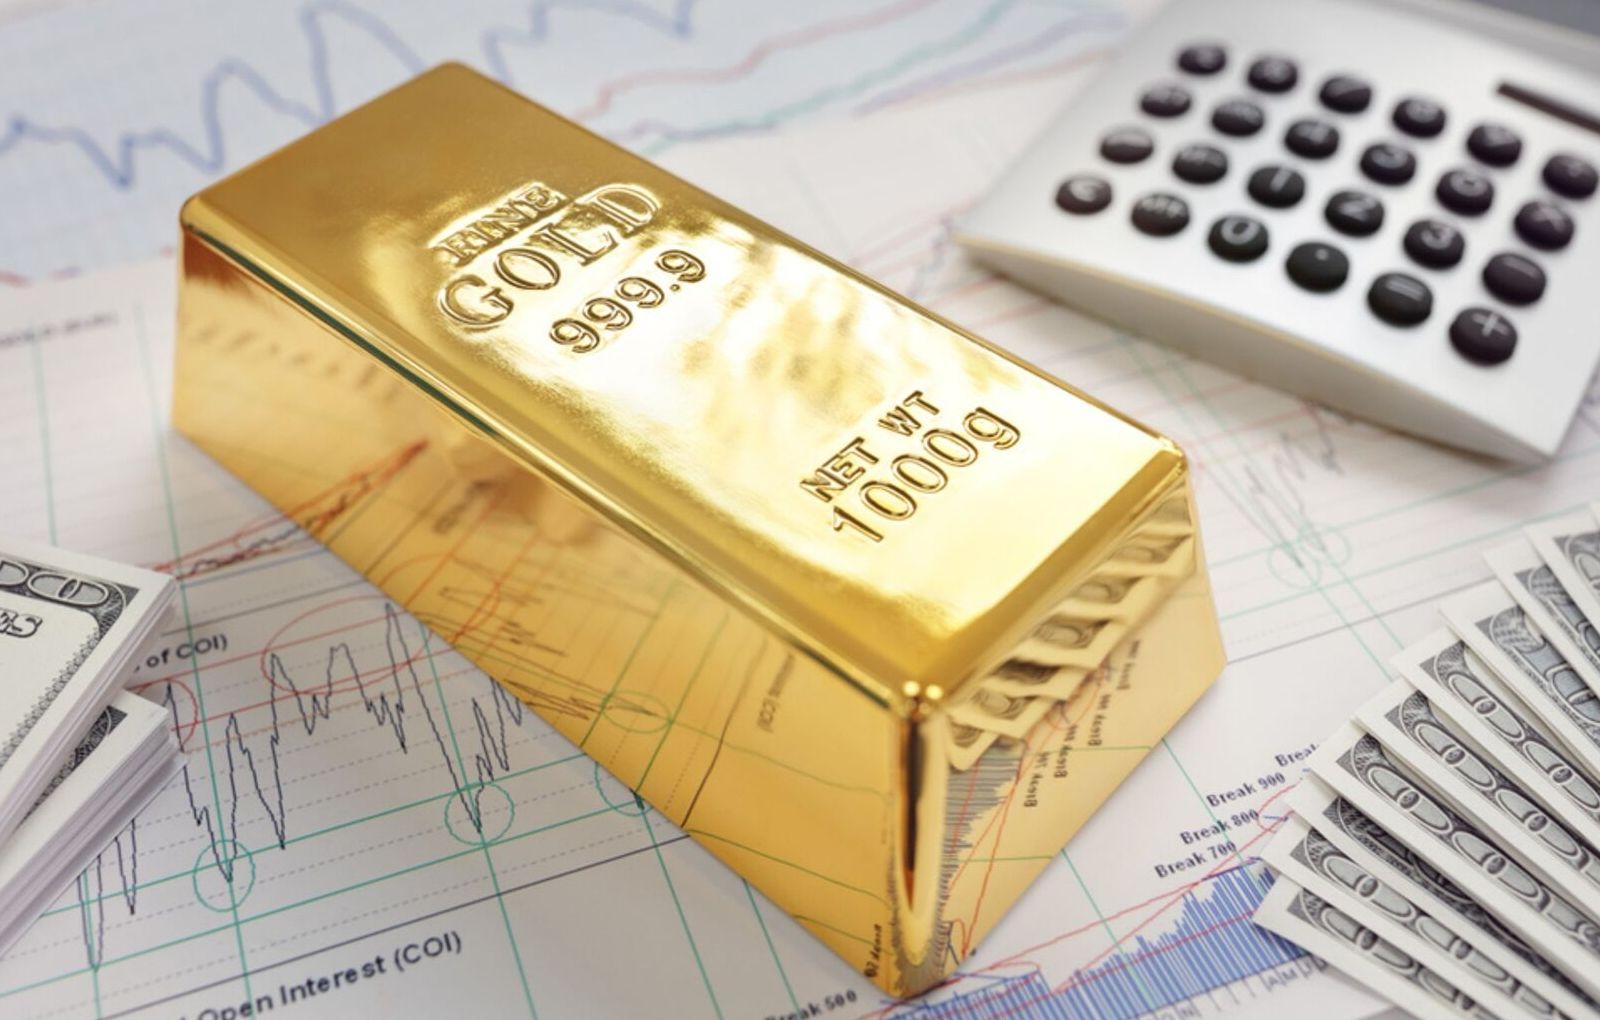 Η ανοδική τάση της τιμής του χρυσού είναι πιο σταθερή σε σύγκριση με του ασημιού – Commerzbank